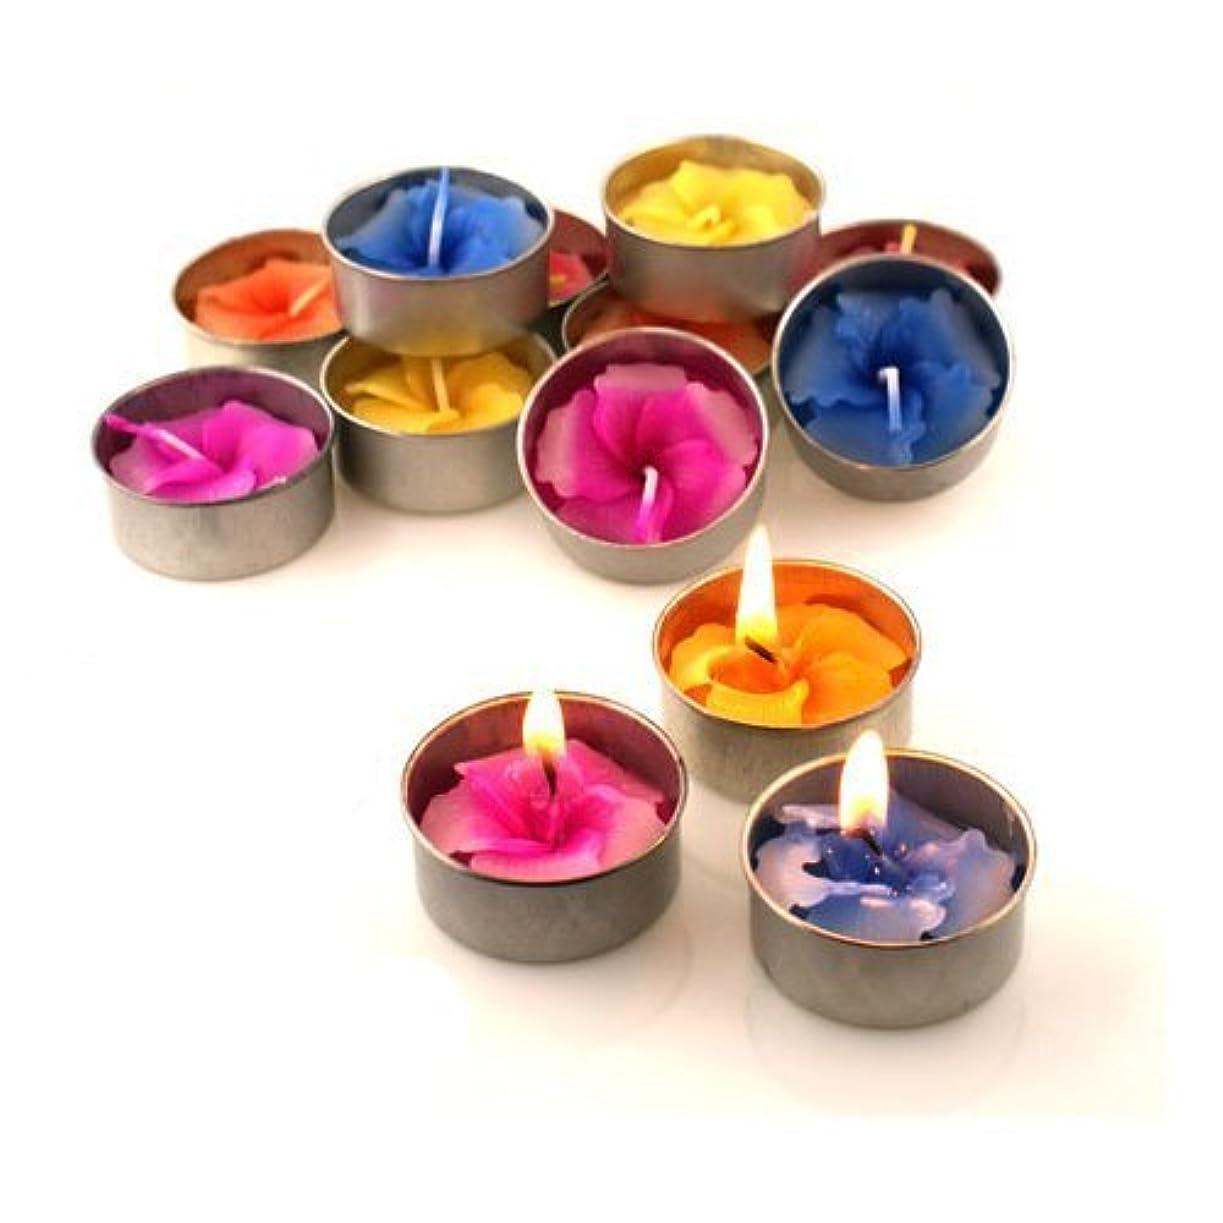 したがって昆虫を見る提供Relax Spa Shop @ Hibiscus Candle in Tea Lights , Floating Candles, Scented Tea Lights ,Aromatherapy Relax, Decorative...